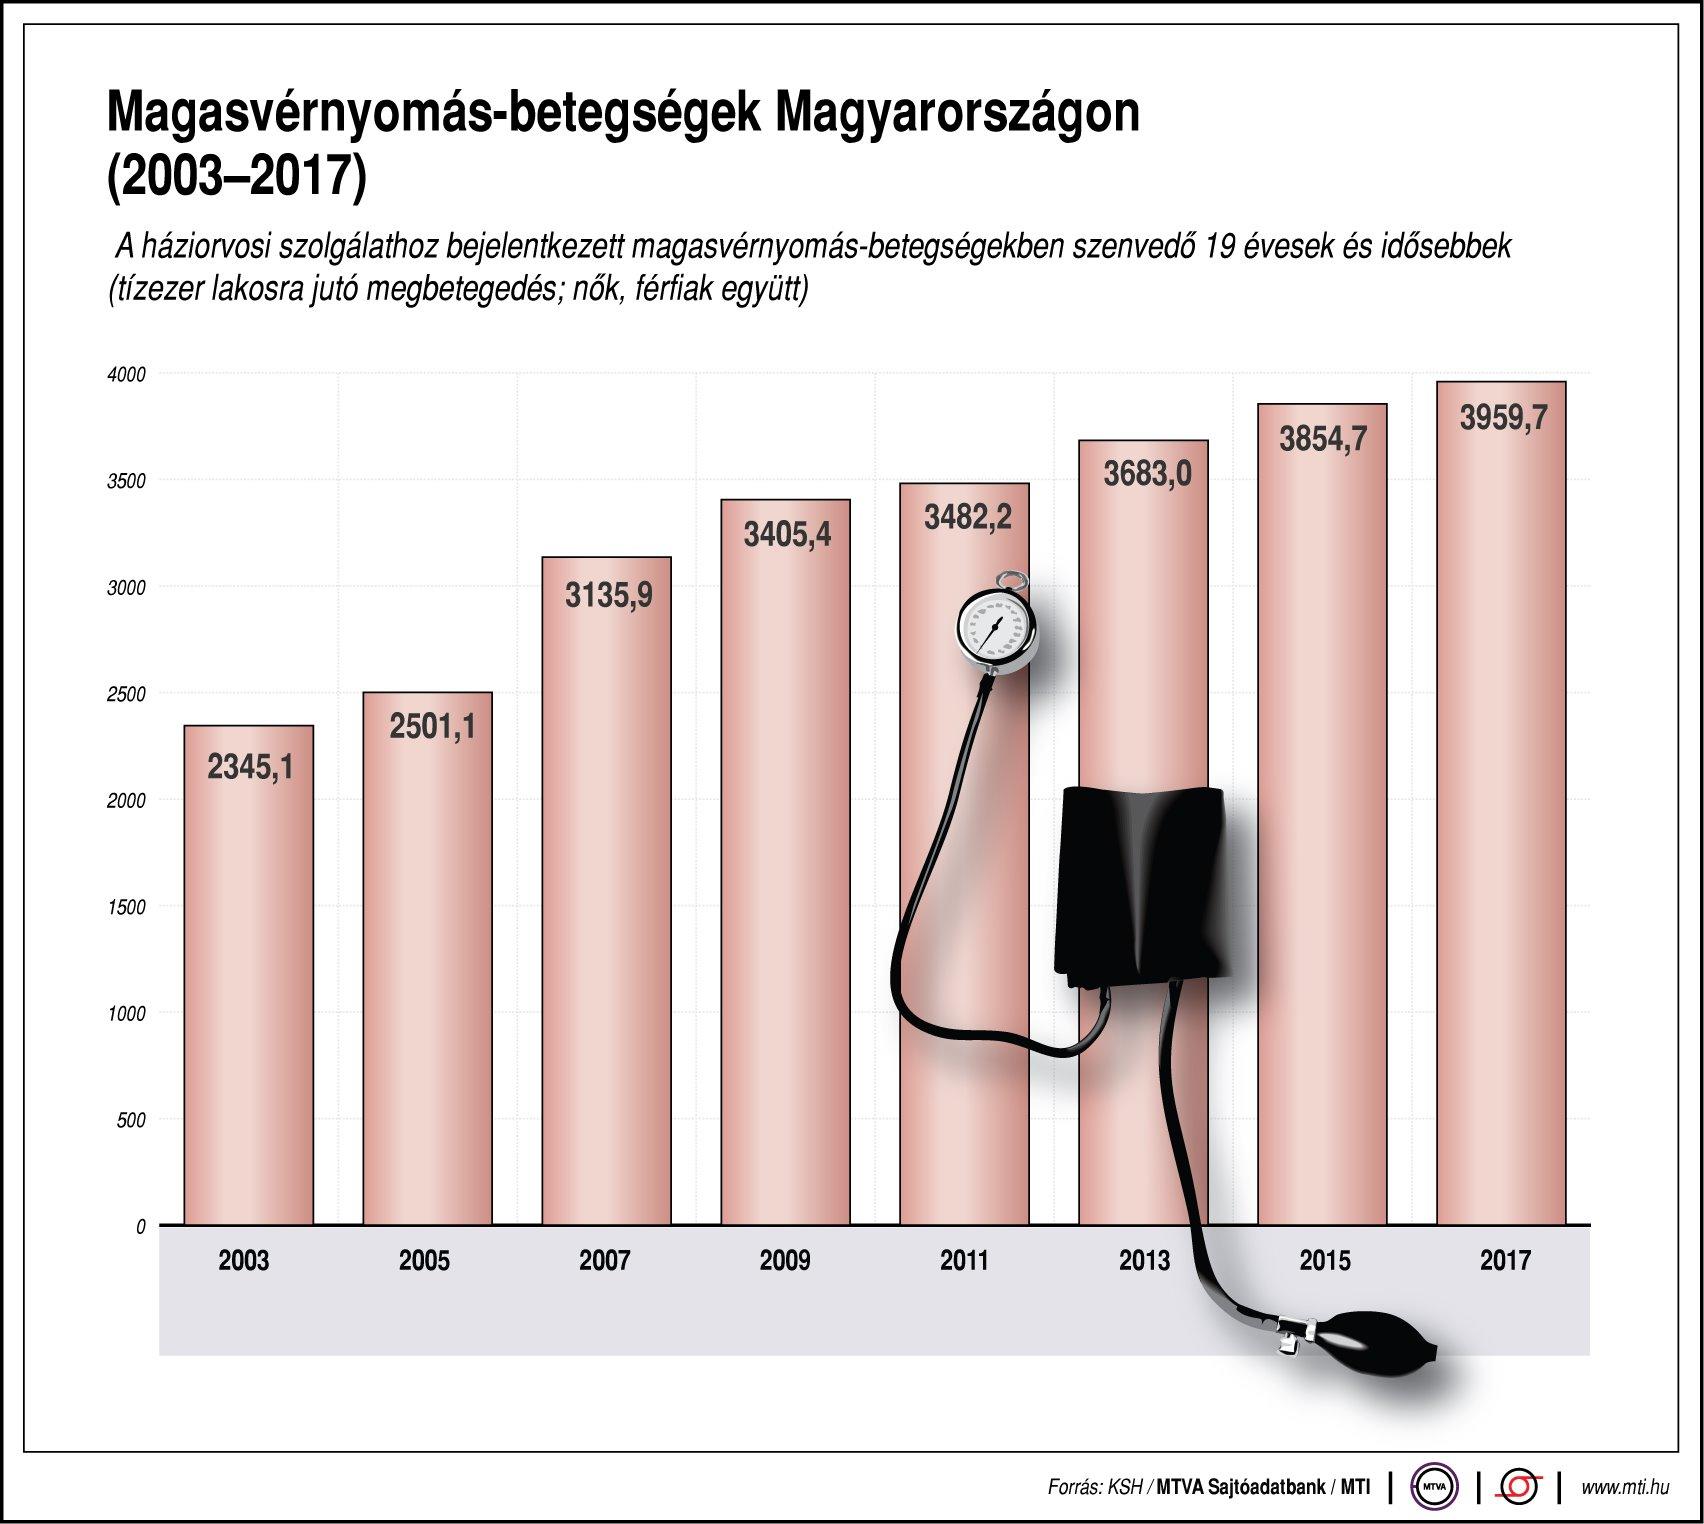 ápoló fellépése magas vérnyomás esetén video masszázs magas vérnyomás esetén